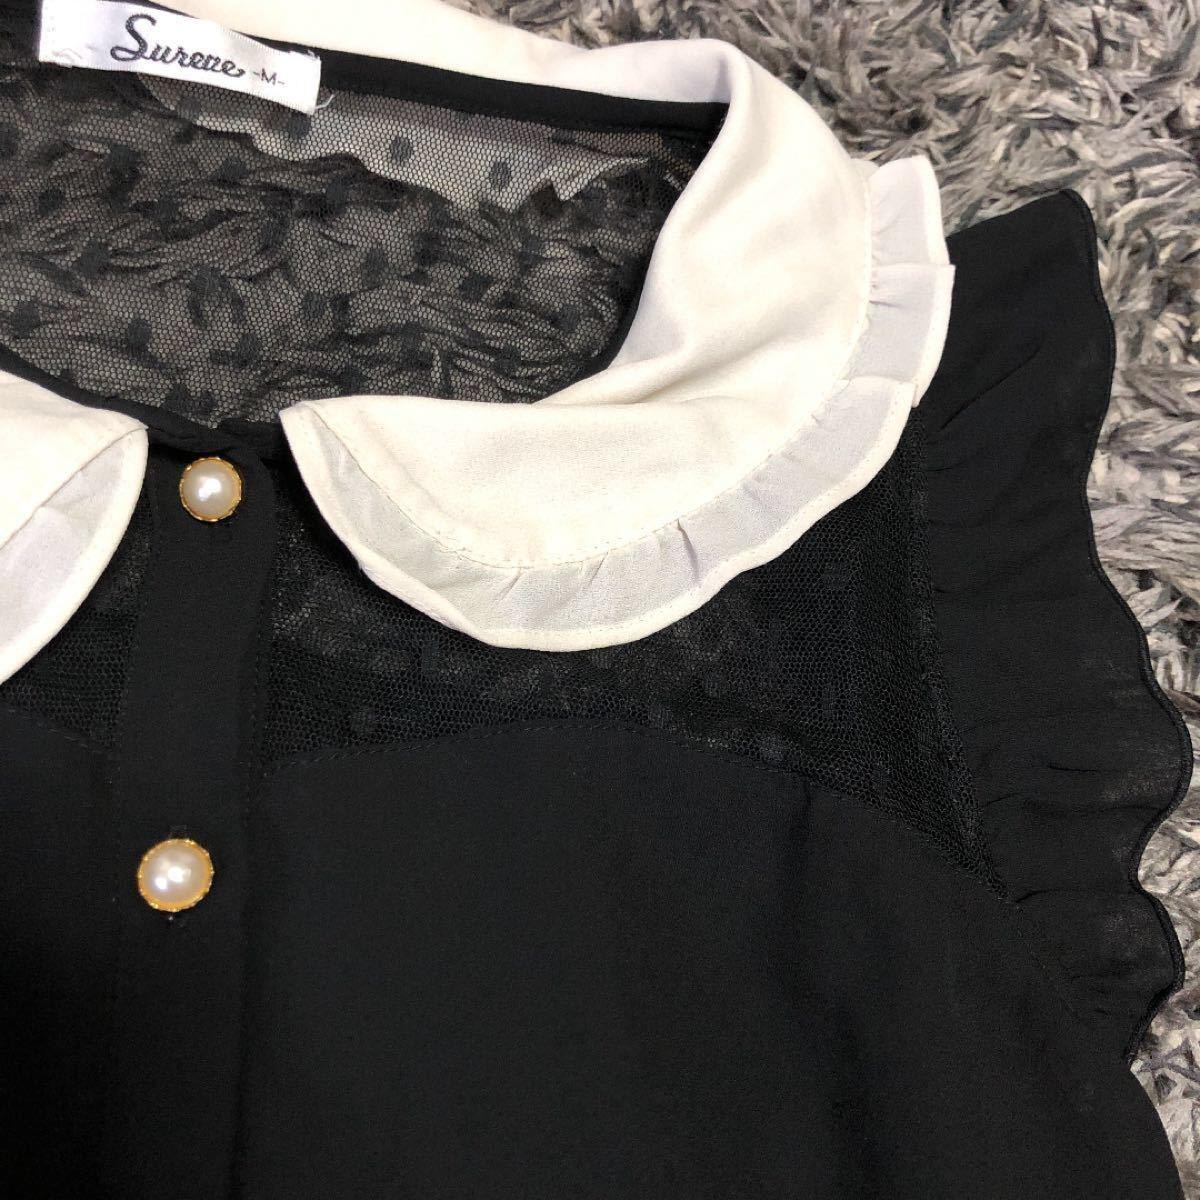 ノースリーブ デコルテシアーxドット柄 透けシフォンシャツ ブラックxホワイト